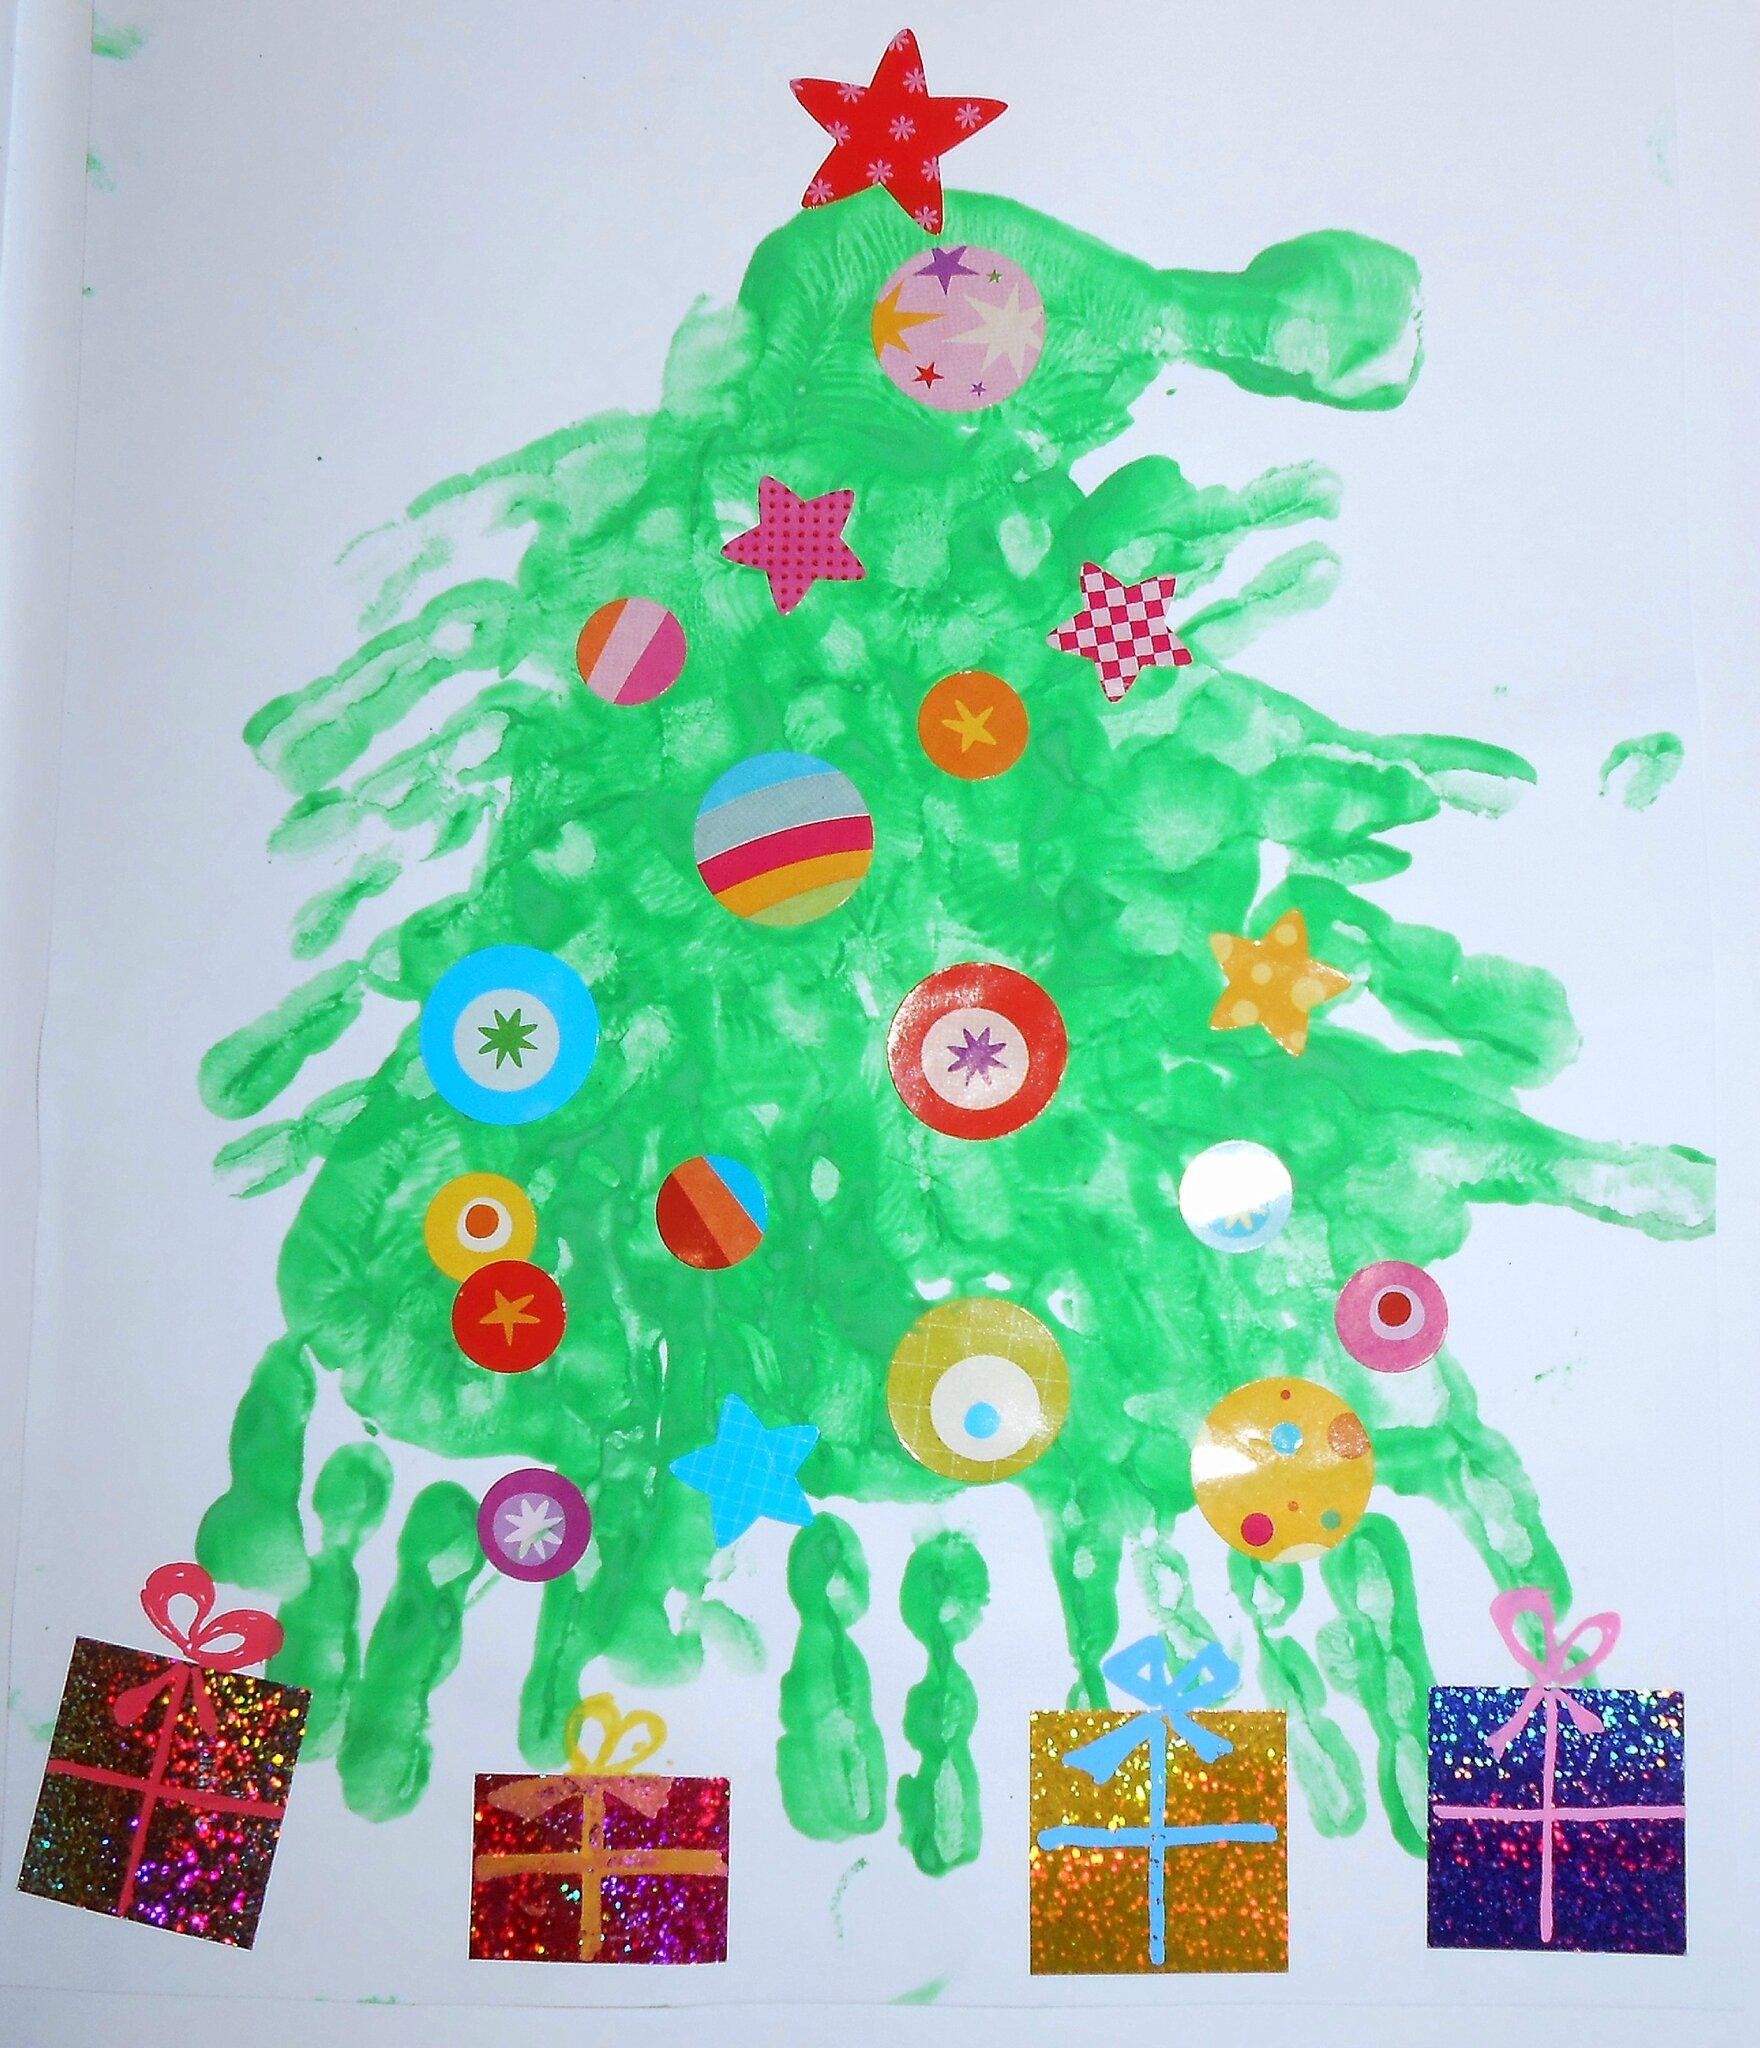 Activité Manuelle Noël pour sapin de noël en empreintes de mains - la maison féerique